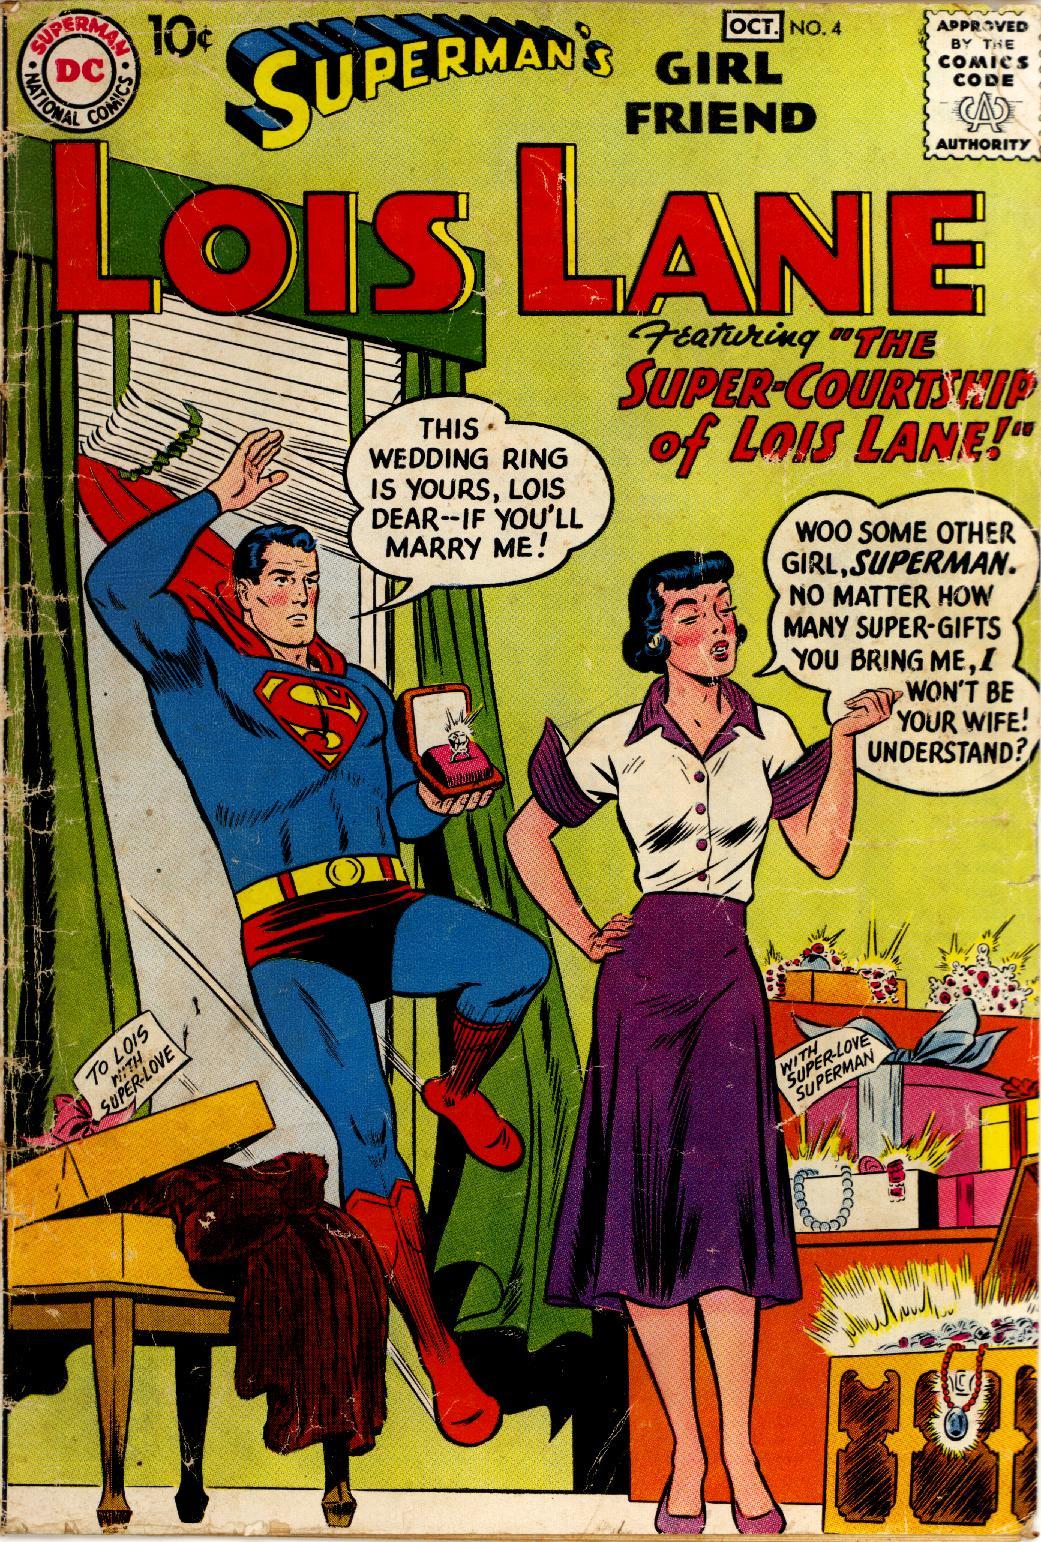 Supermans Girl Friend, Lois Lane 4 Page 1